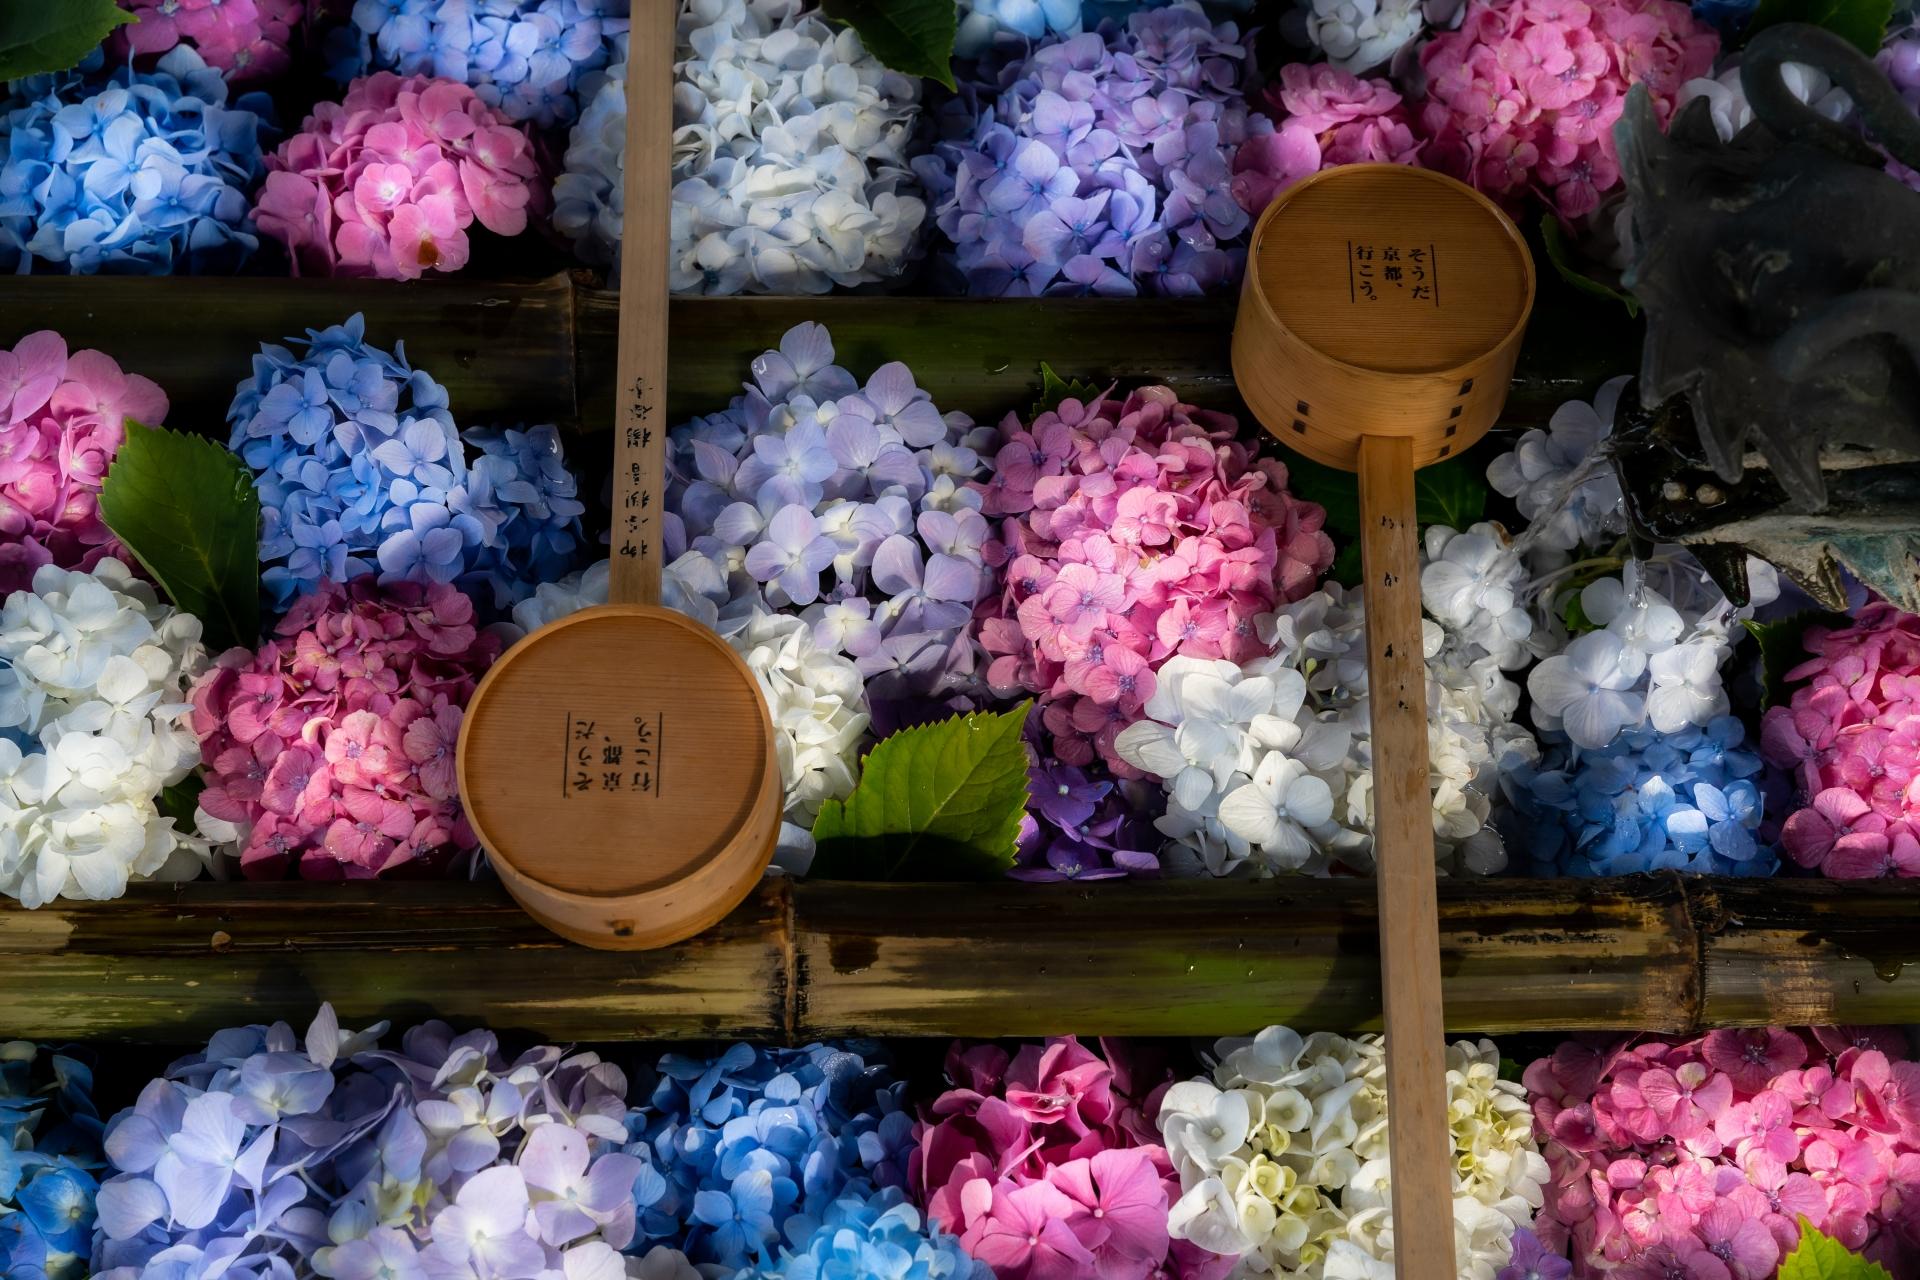 3762553_m 京都府 楊谷寺(境内に5000株のあじさいが咲き誇る初夏におすすめのスポット!写真の紹介、アクセス情報など)